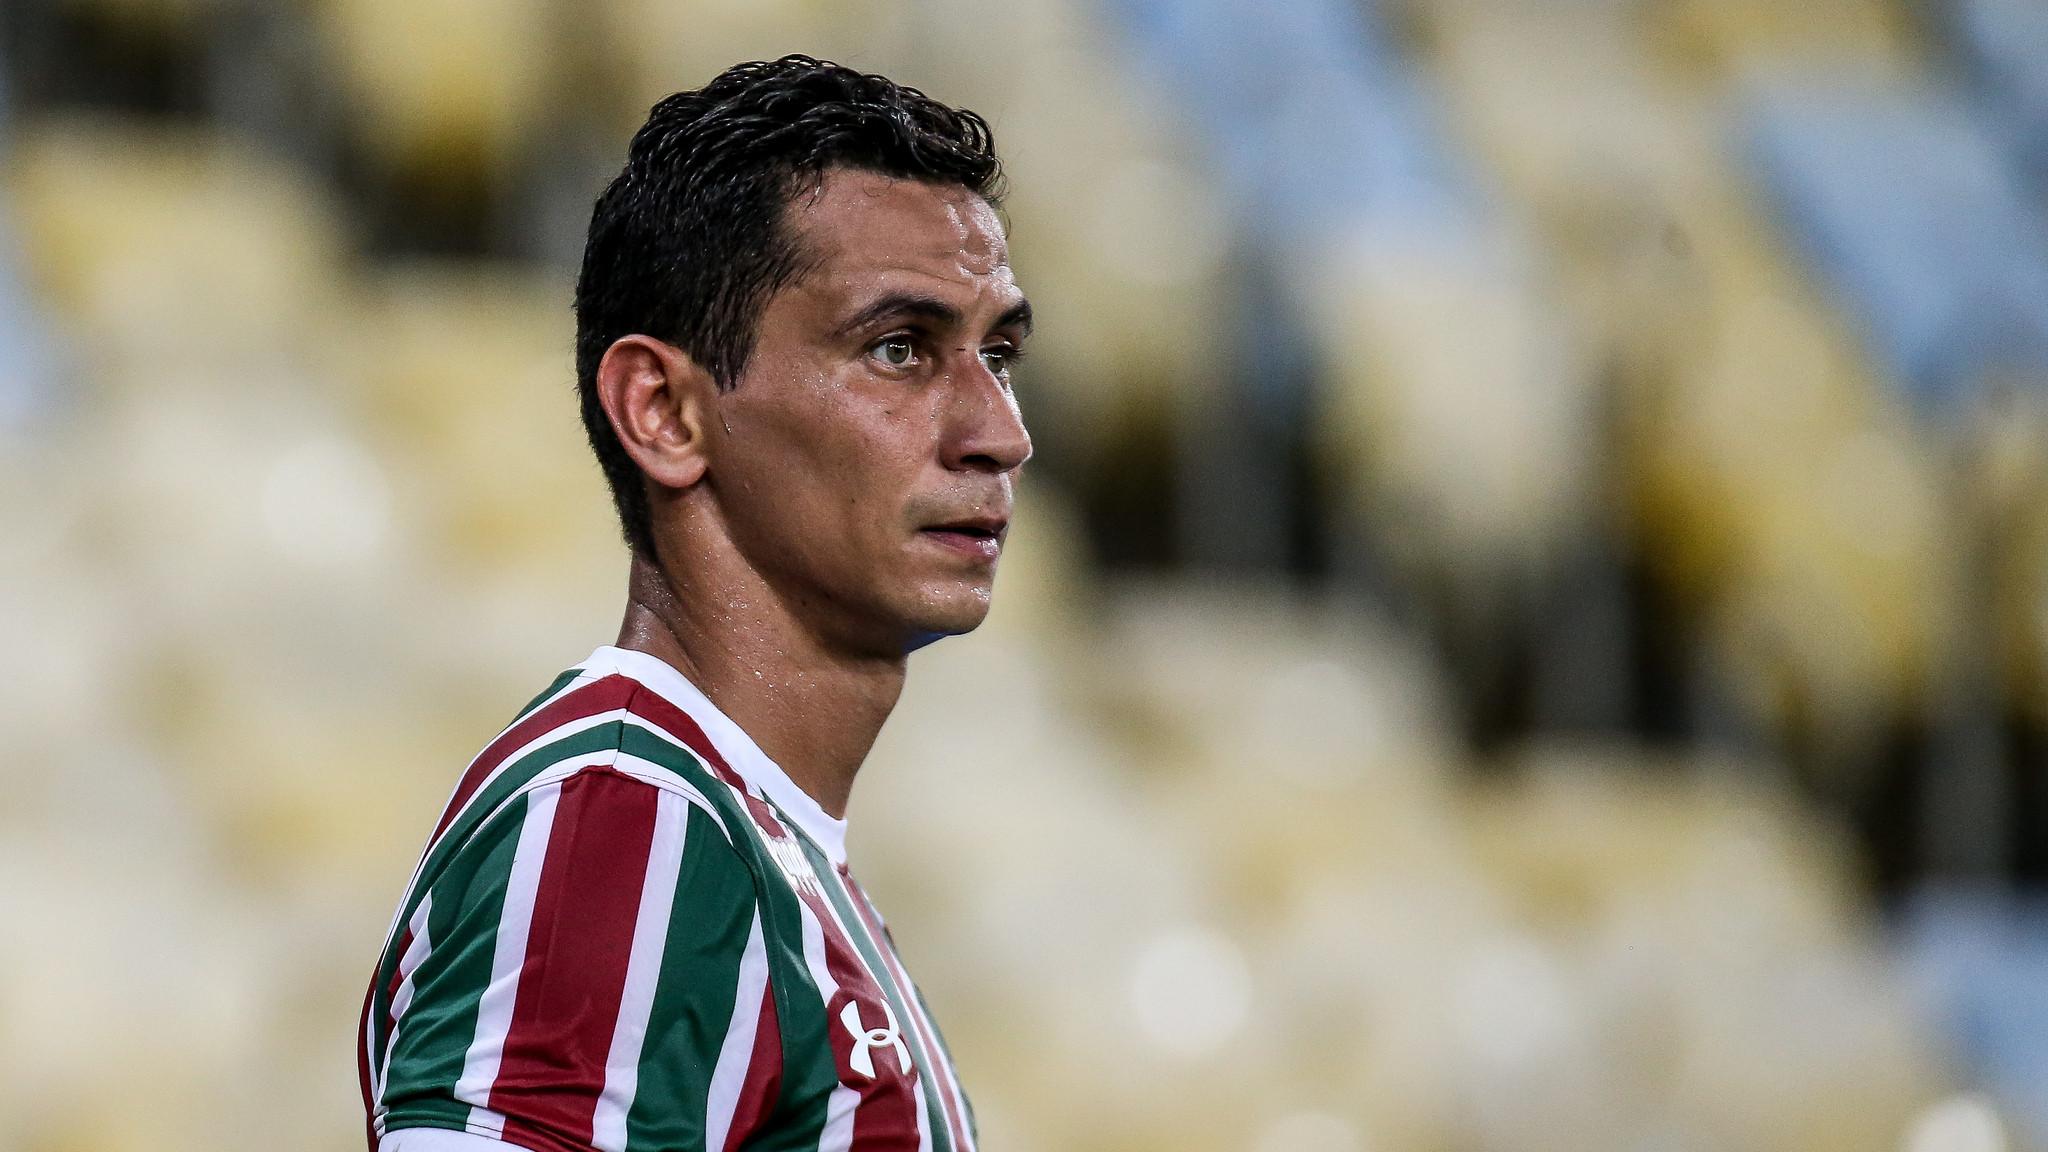 Ganso evita comparações com o gol de Renato Gaúcho